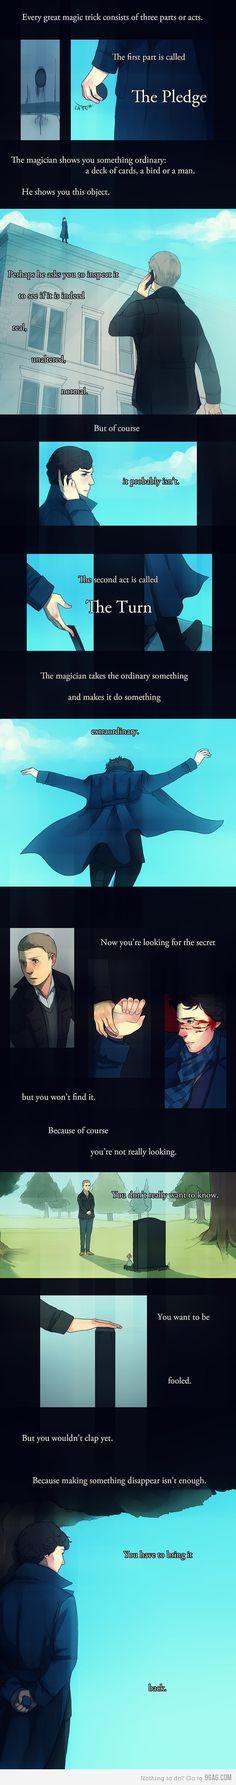 Sherlock's prestige